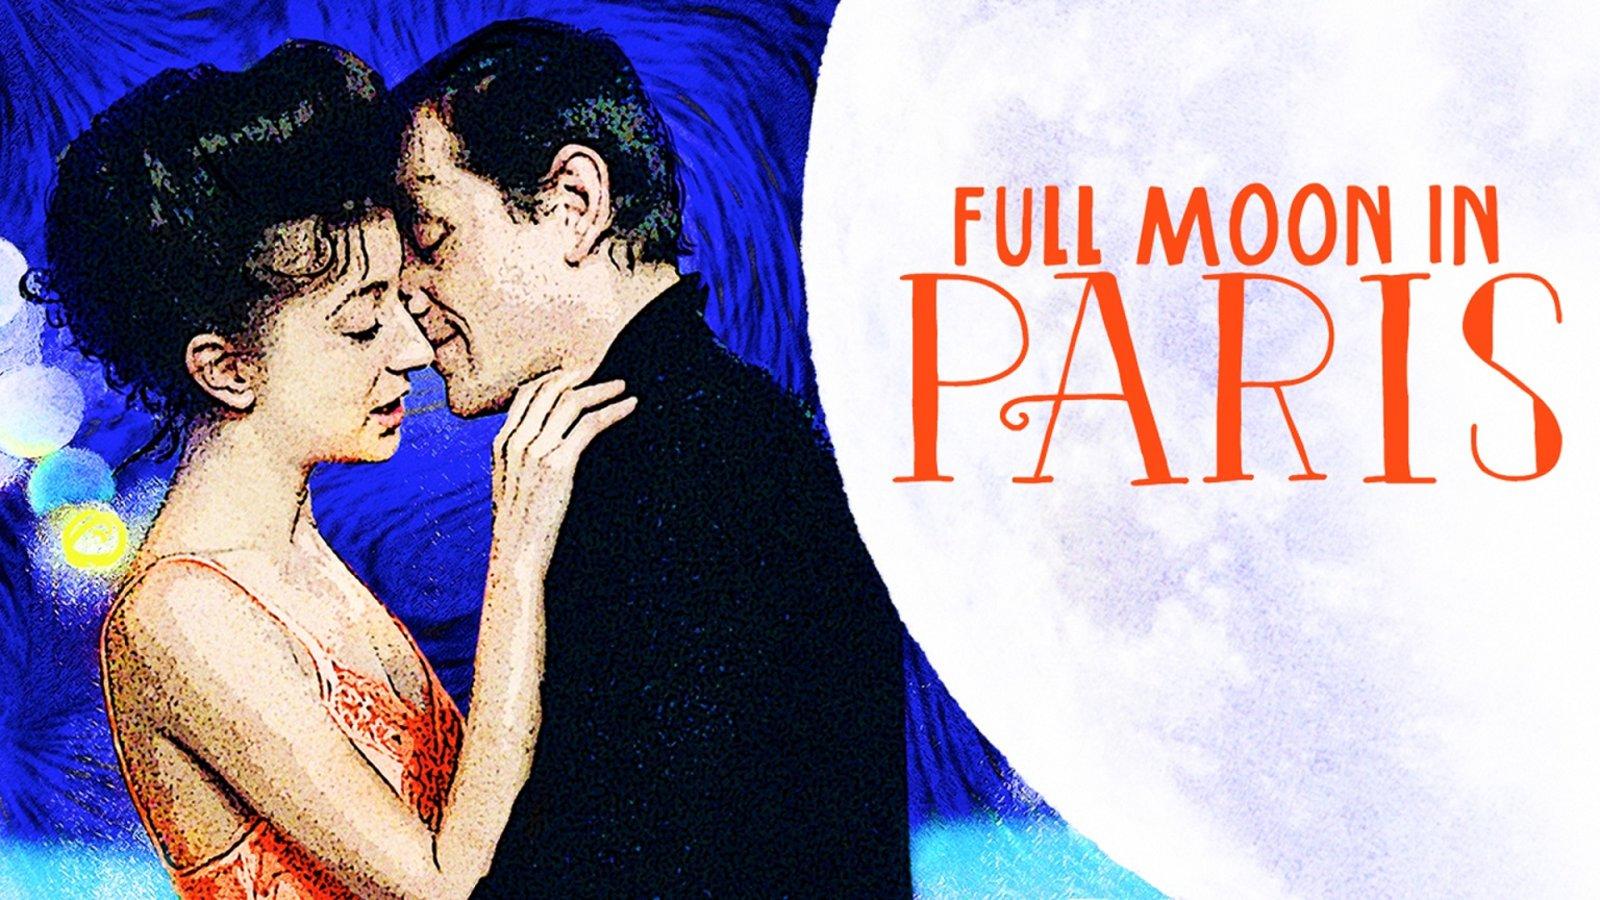 Full Moon in Paris - Les nuits de la pleine lune